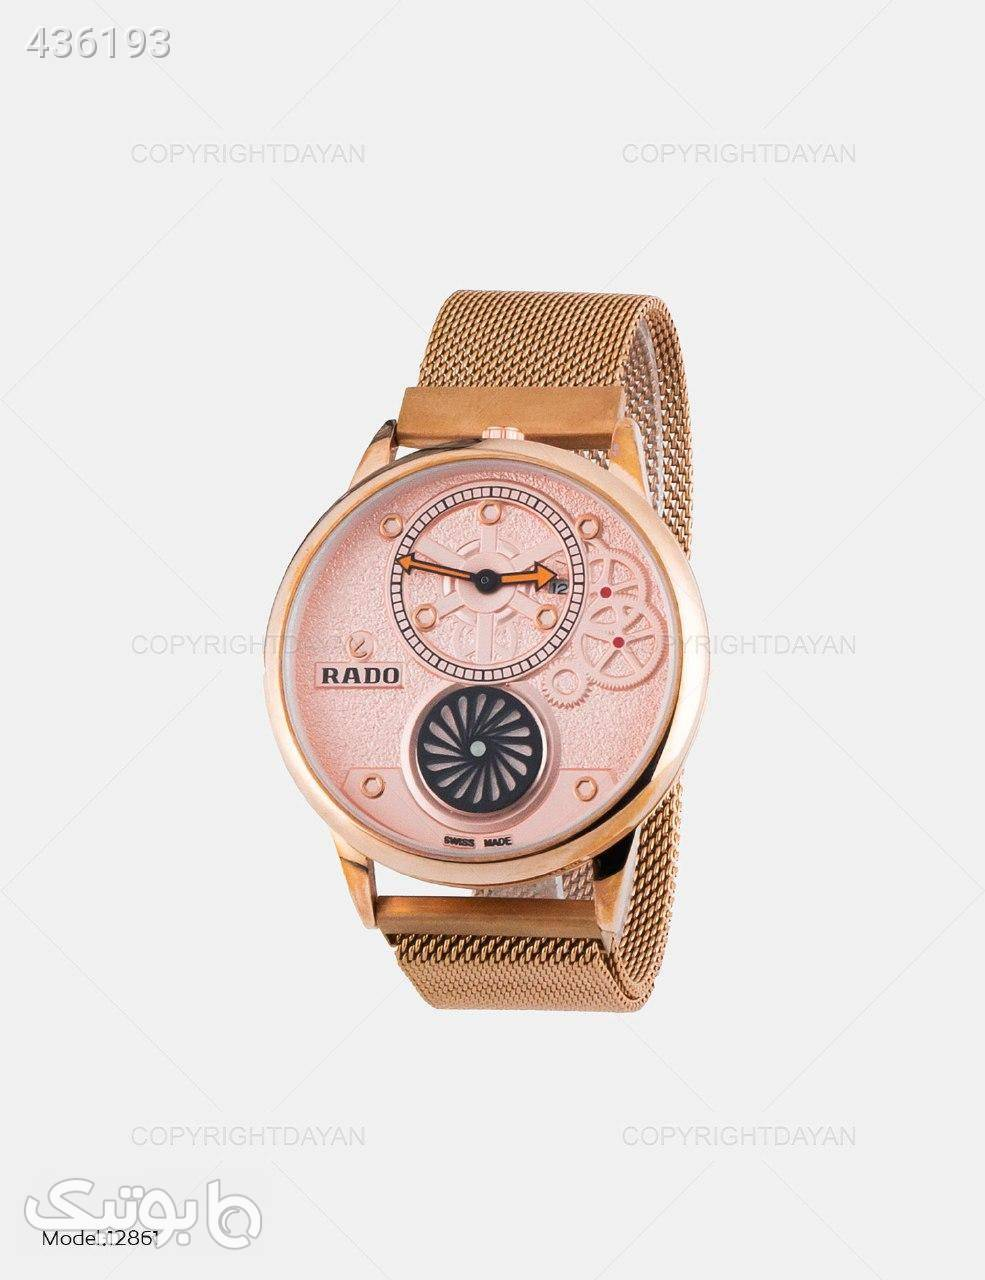 ساعت مچی مردانه Rado مدل 12861 نارنجی ساعت